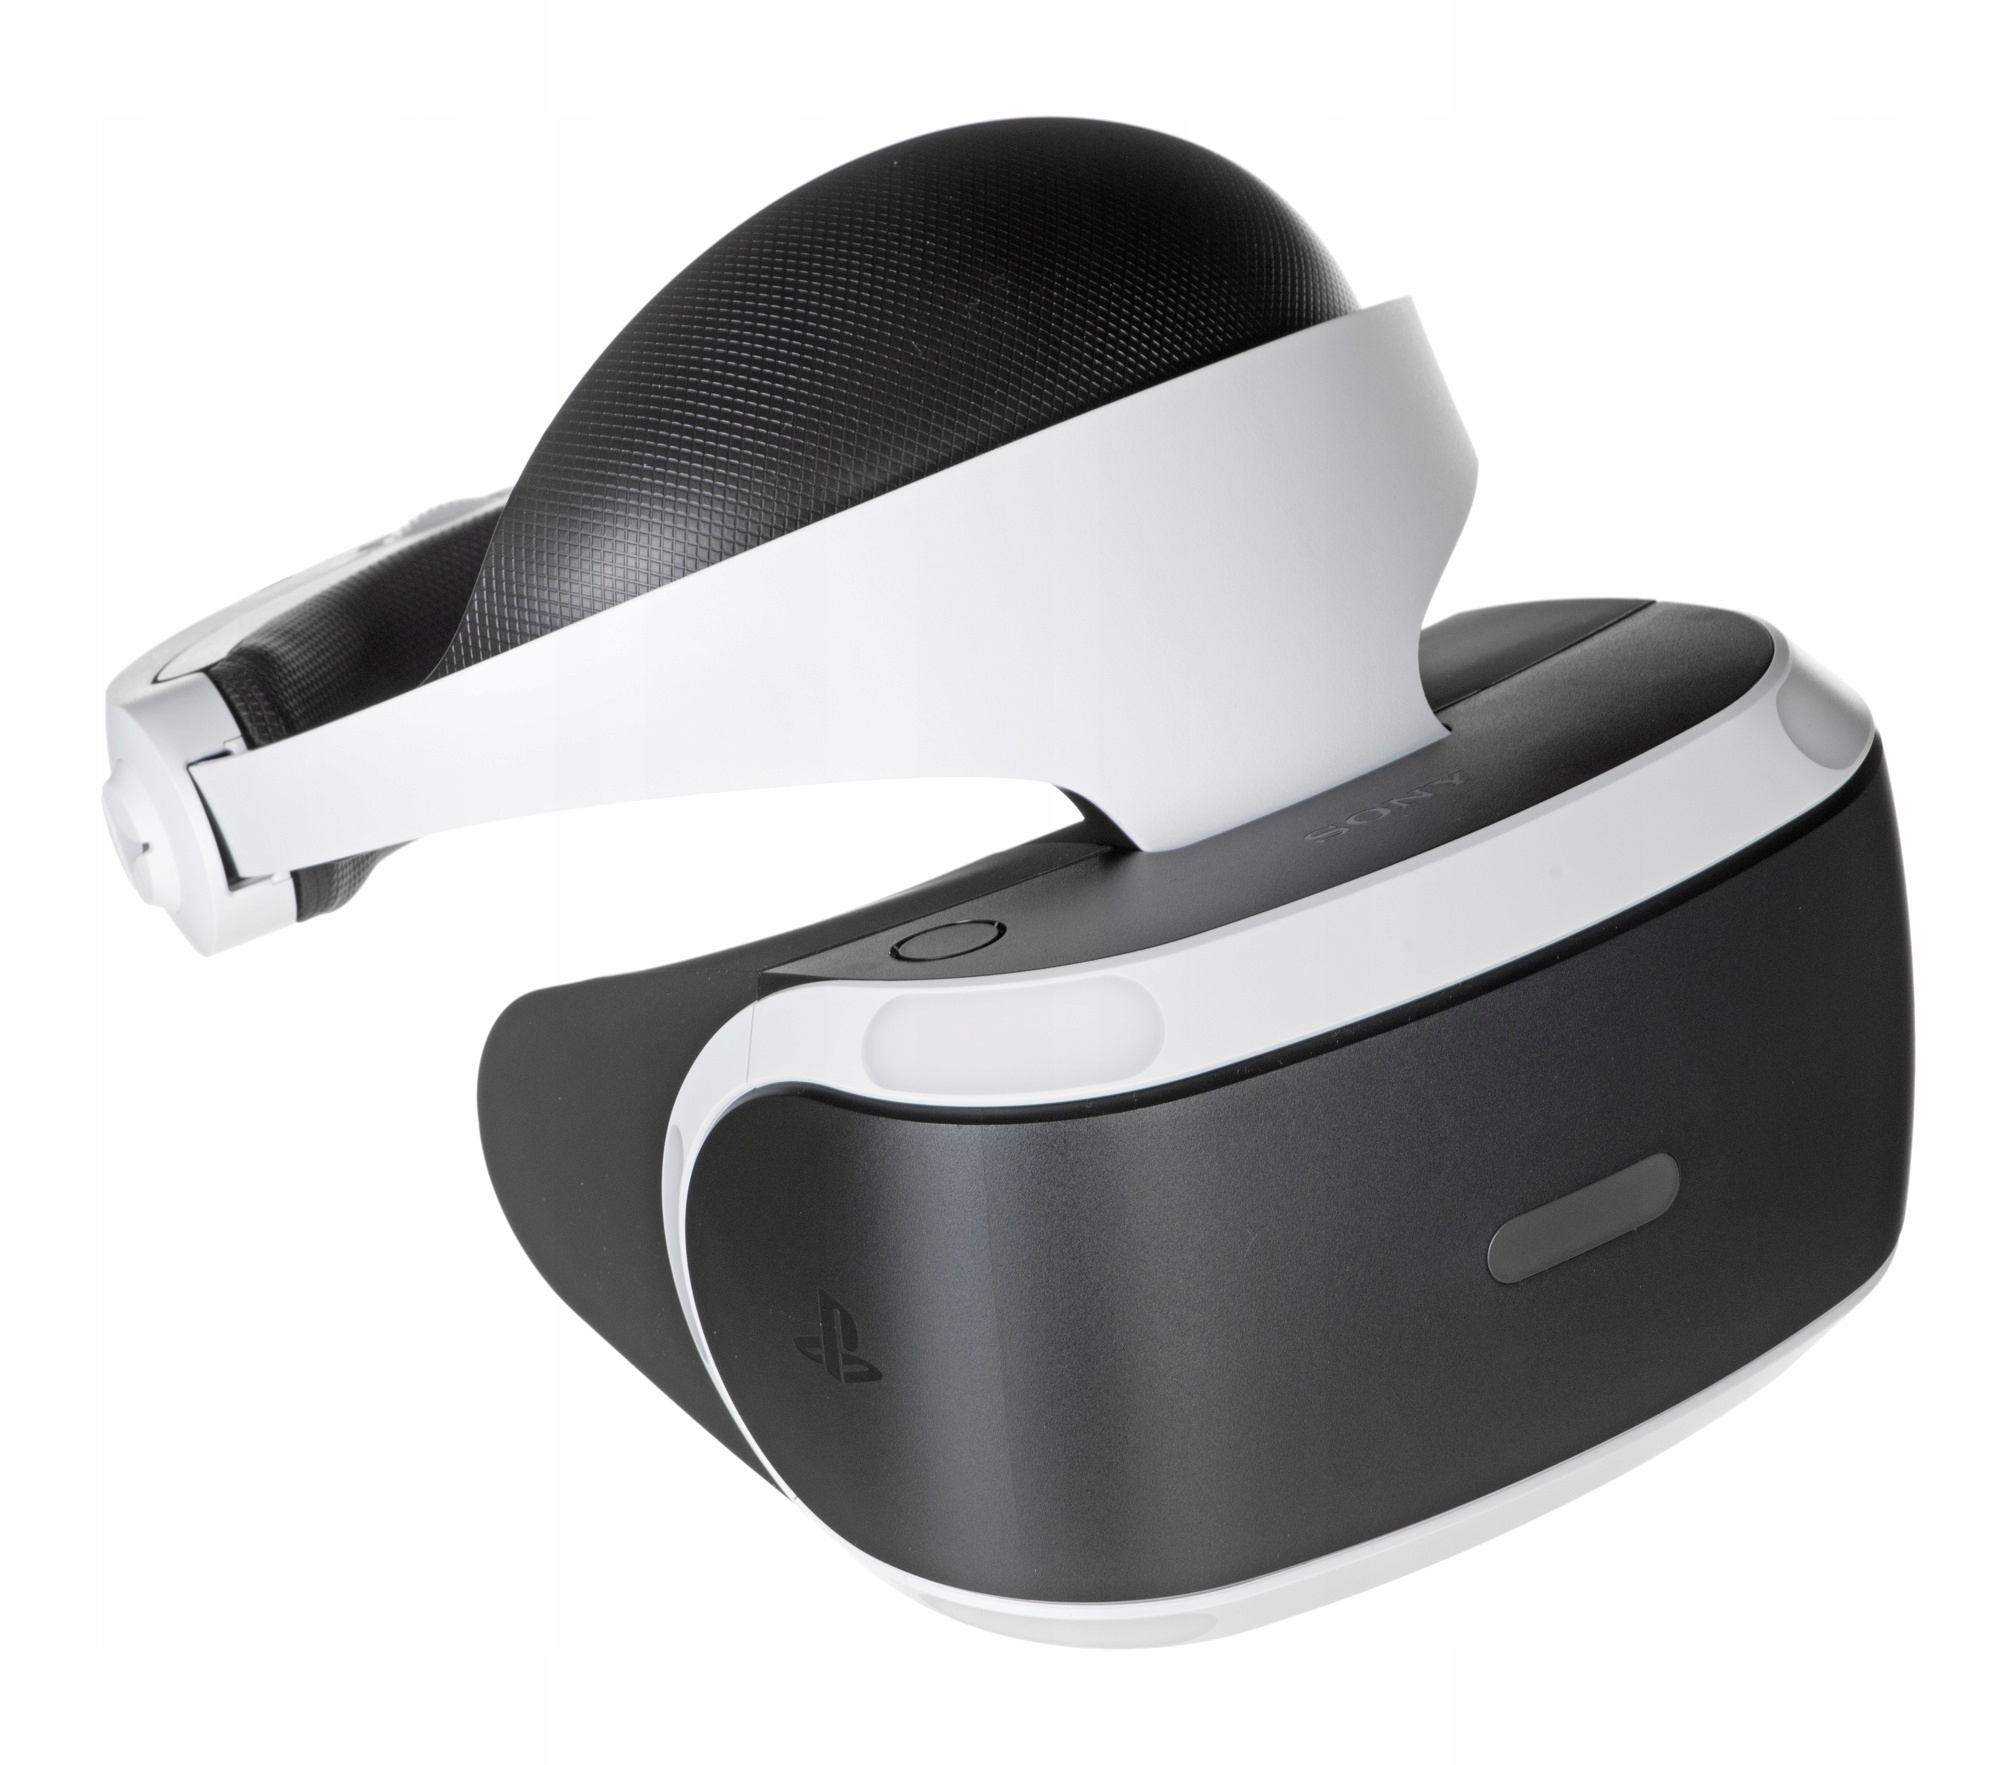 Gogle Sony PlayStation VR2 + Kamera V2 + VR World